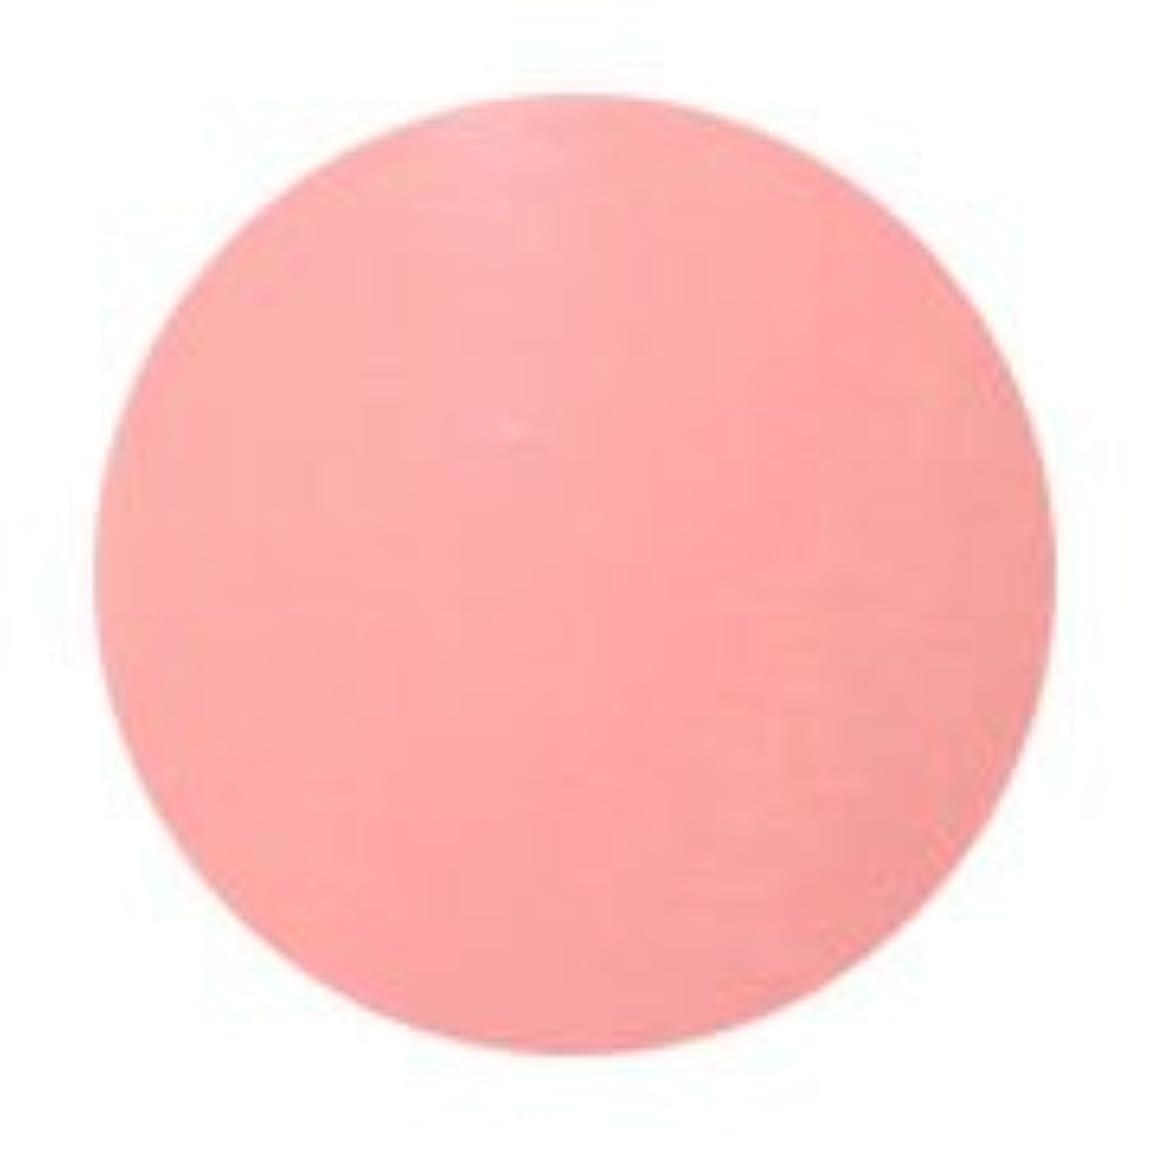 恐怖症一族スチュアート島Putiel(プティール) カラージェル アンティーク 3g<BR>A22 ピンクグレープフルーツ